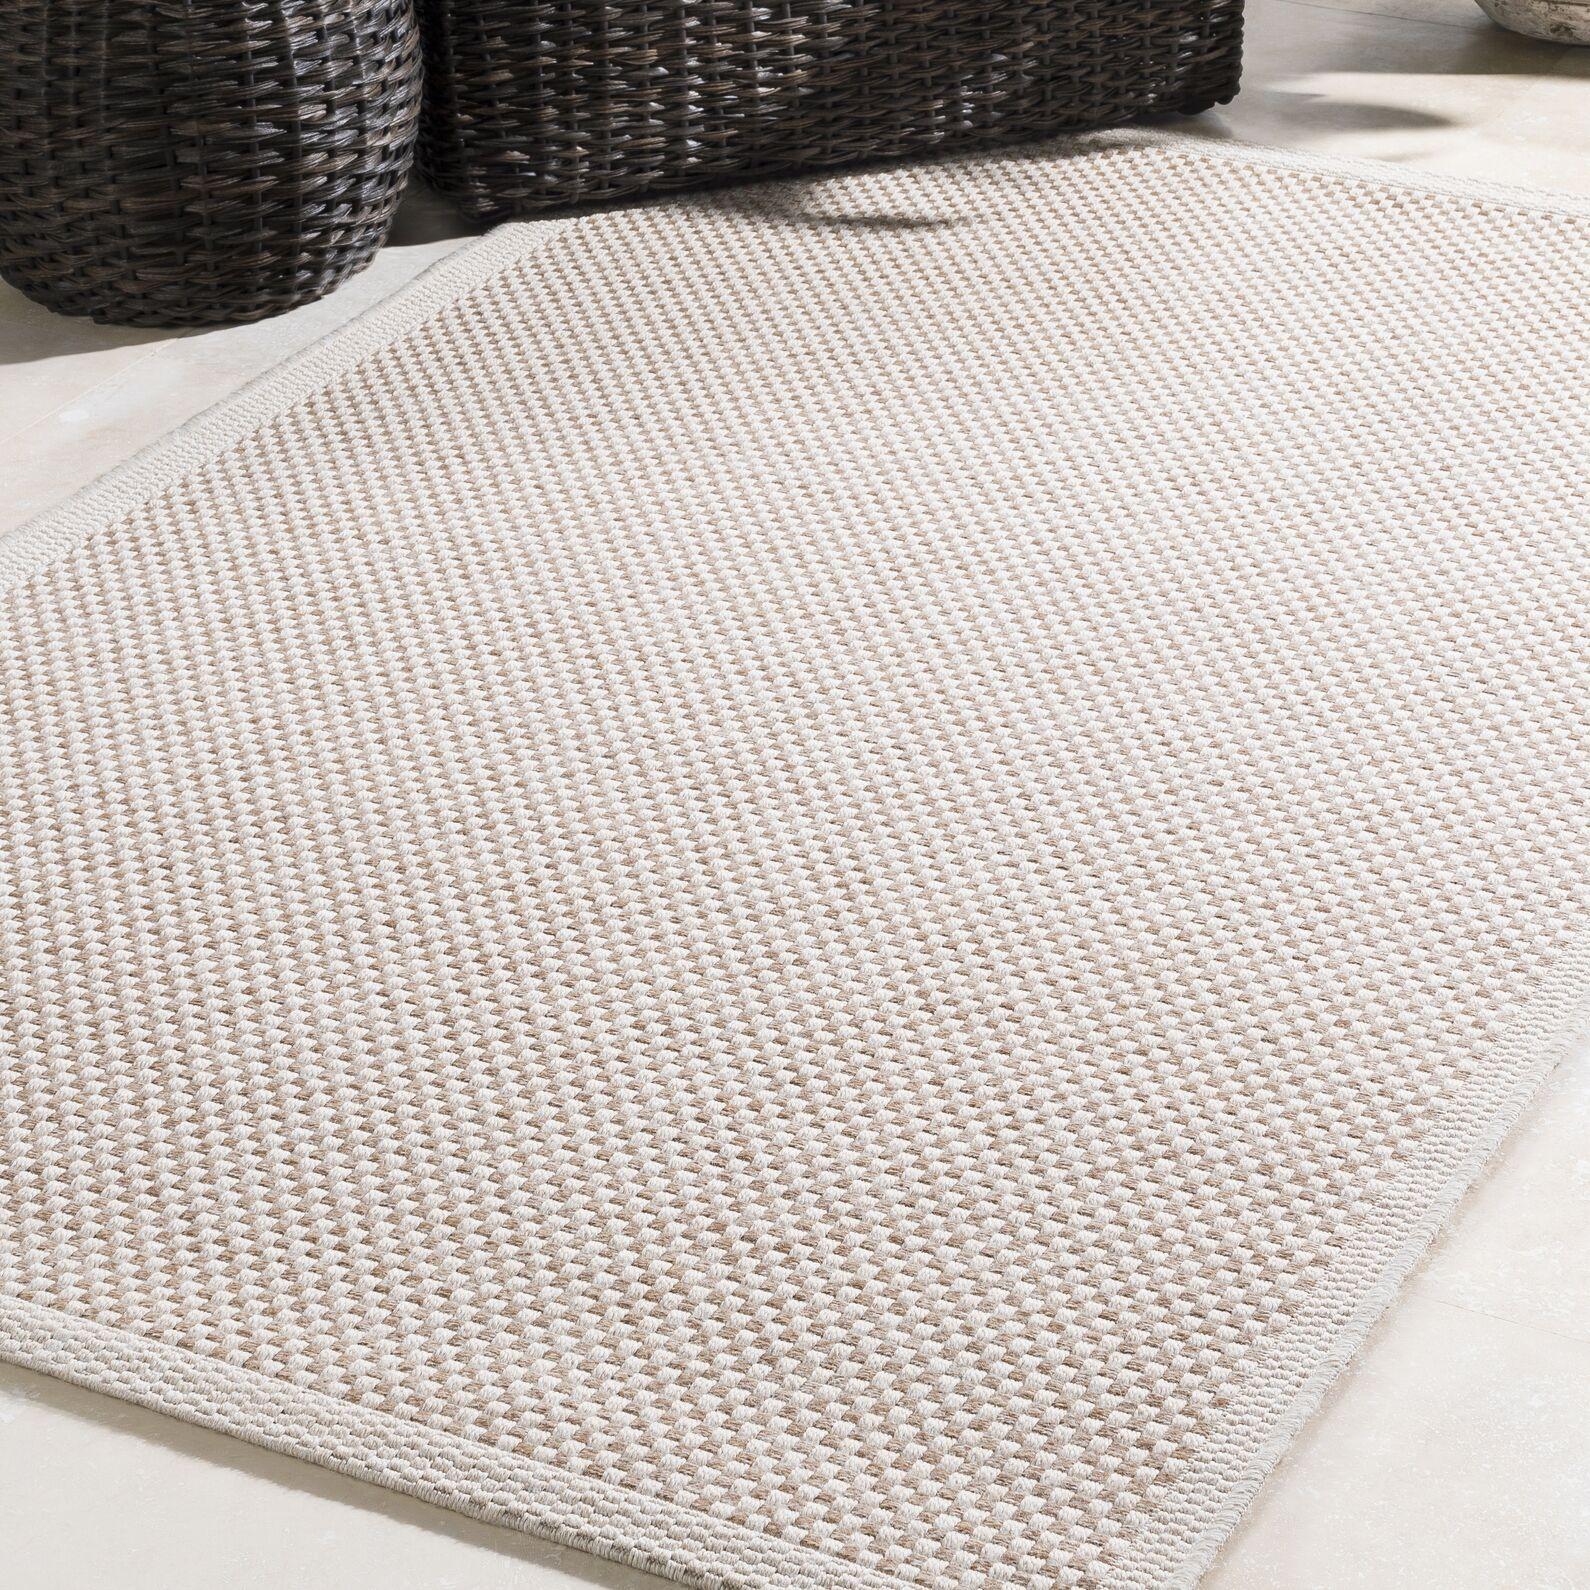 Sarang Beige Indoor/Outdoor Area Rug Rug Size: Rectangle 5' x 7'6